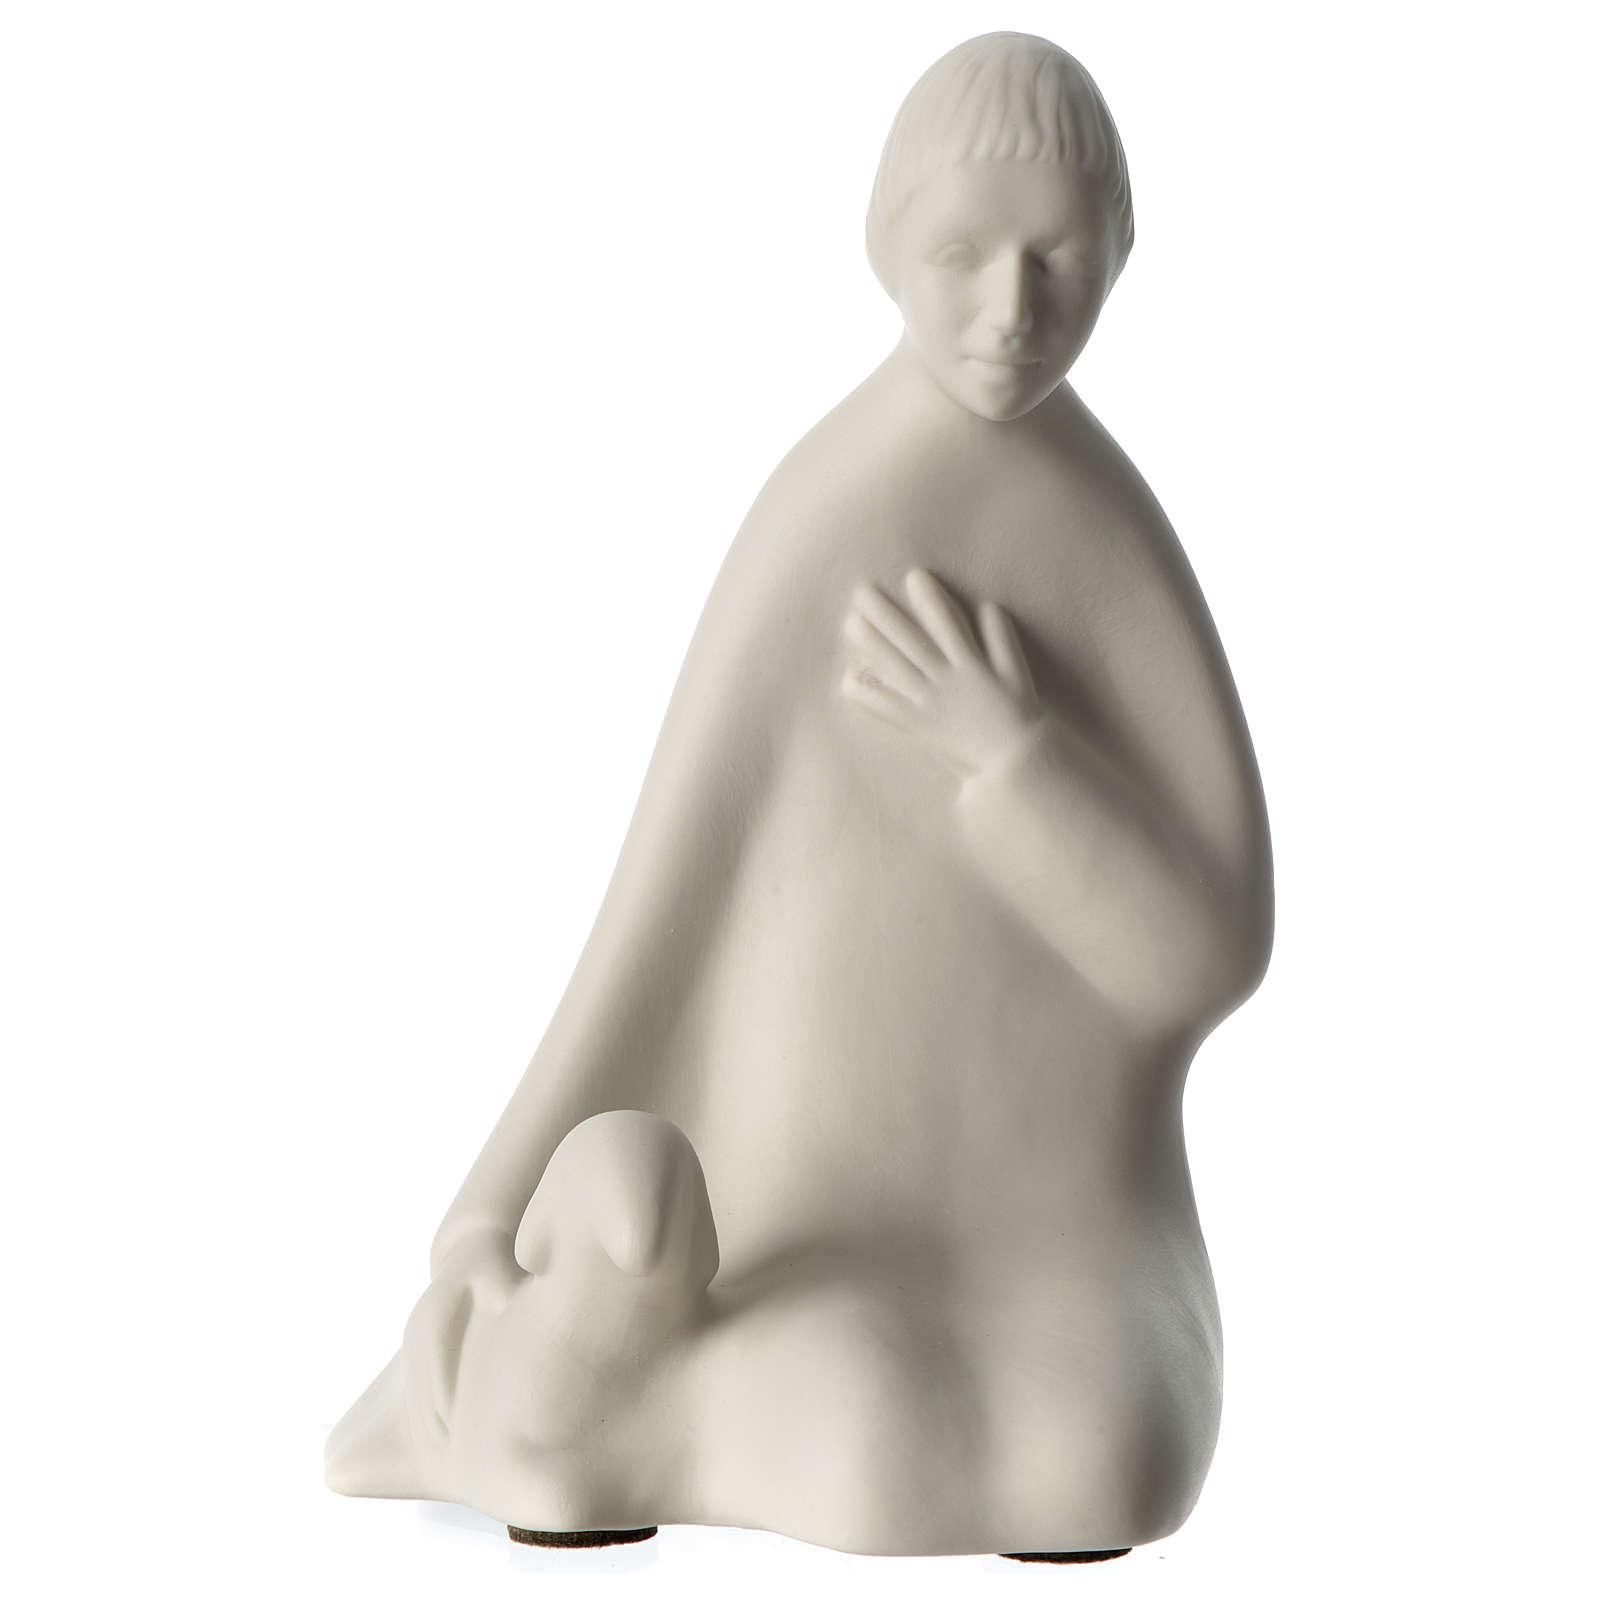 Pastor para presépio de porcelana Francesco Pinton com figuras 40 cm altura média 4